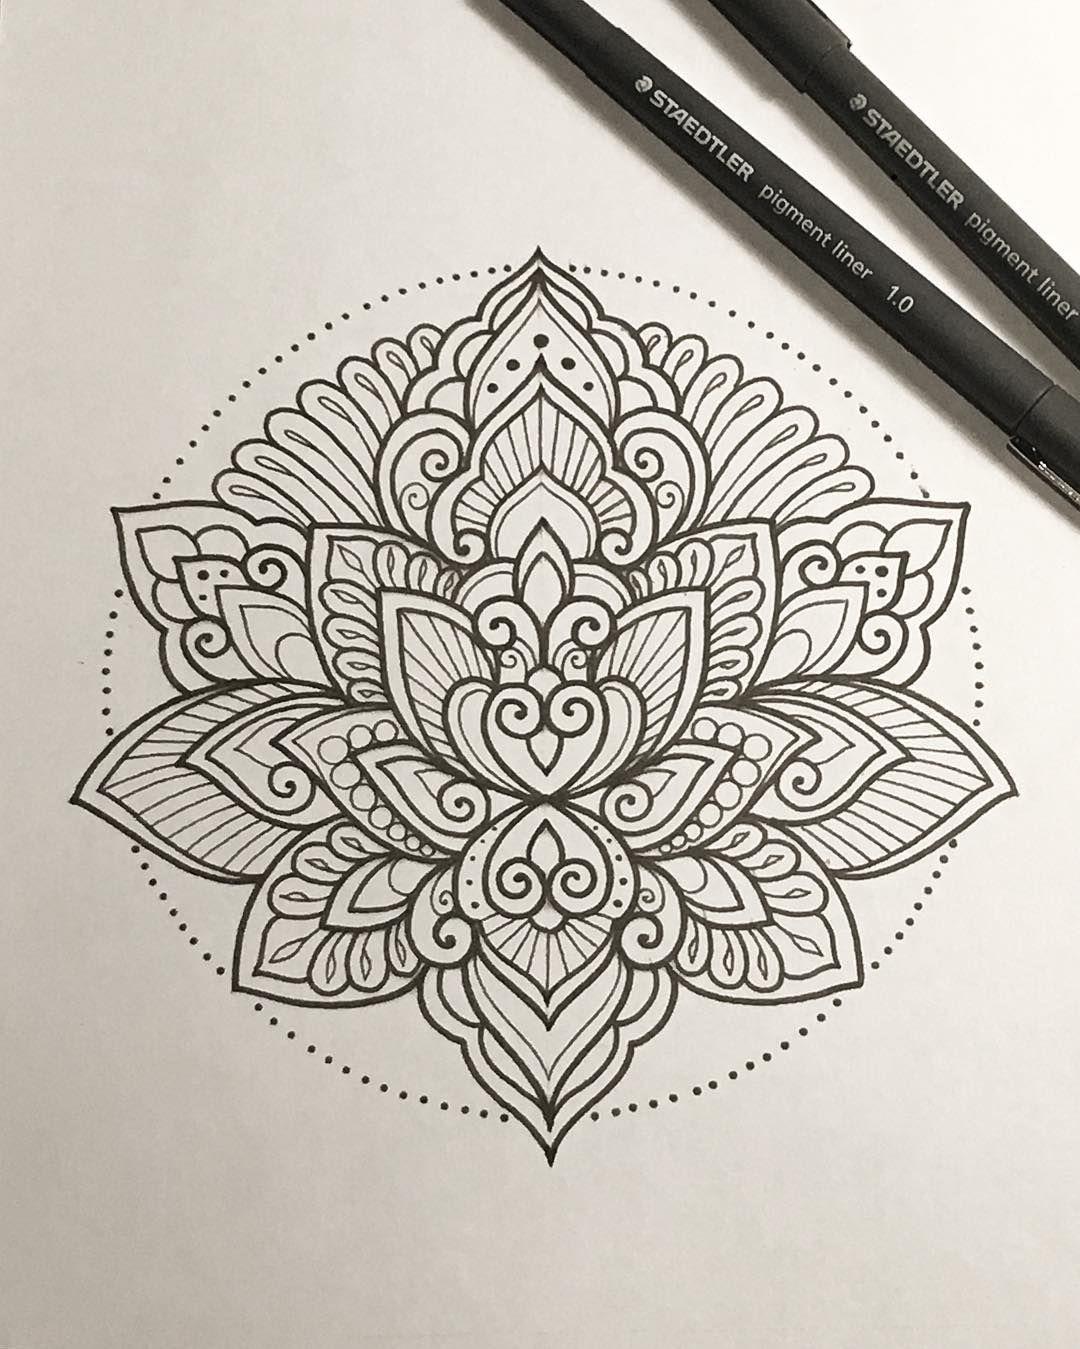 Dessin Mandala À Reproduire. Montrez-Moi Vos Représentations tout Image De Dessin A Reproduire